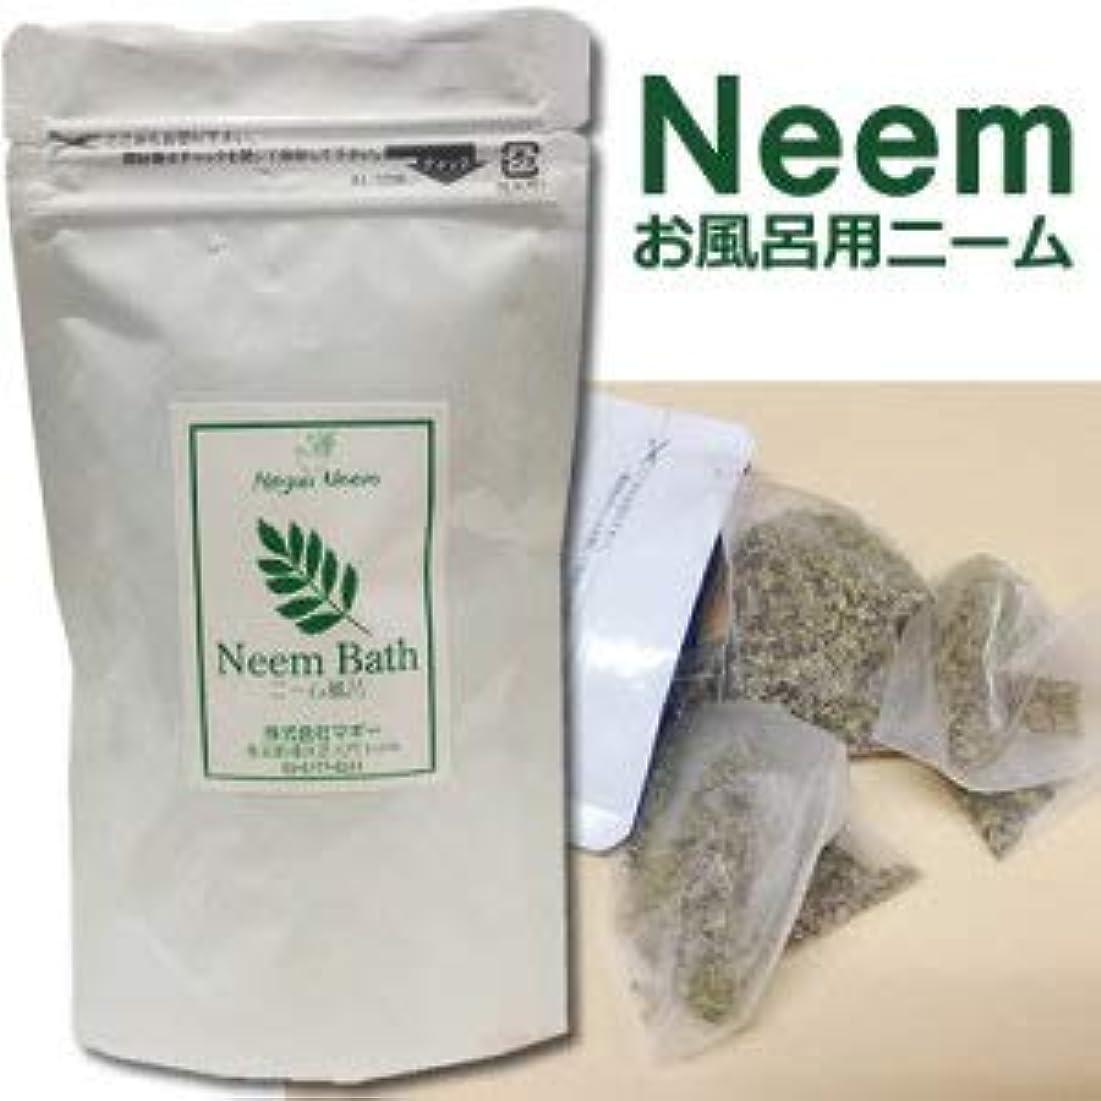 アナニバーウェーハシソーラスマグーニーム お風呂用ニーム MaguuNeem Bath Herb 5包